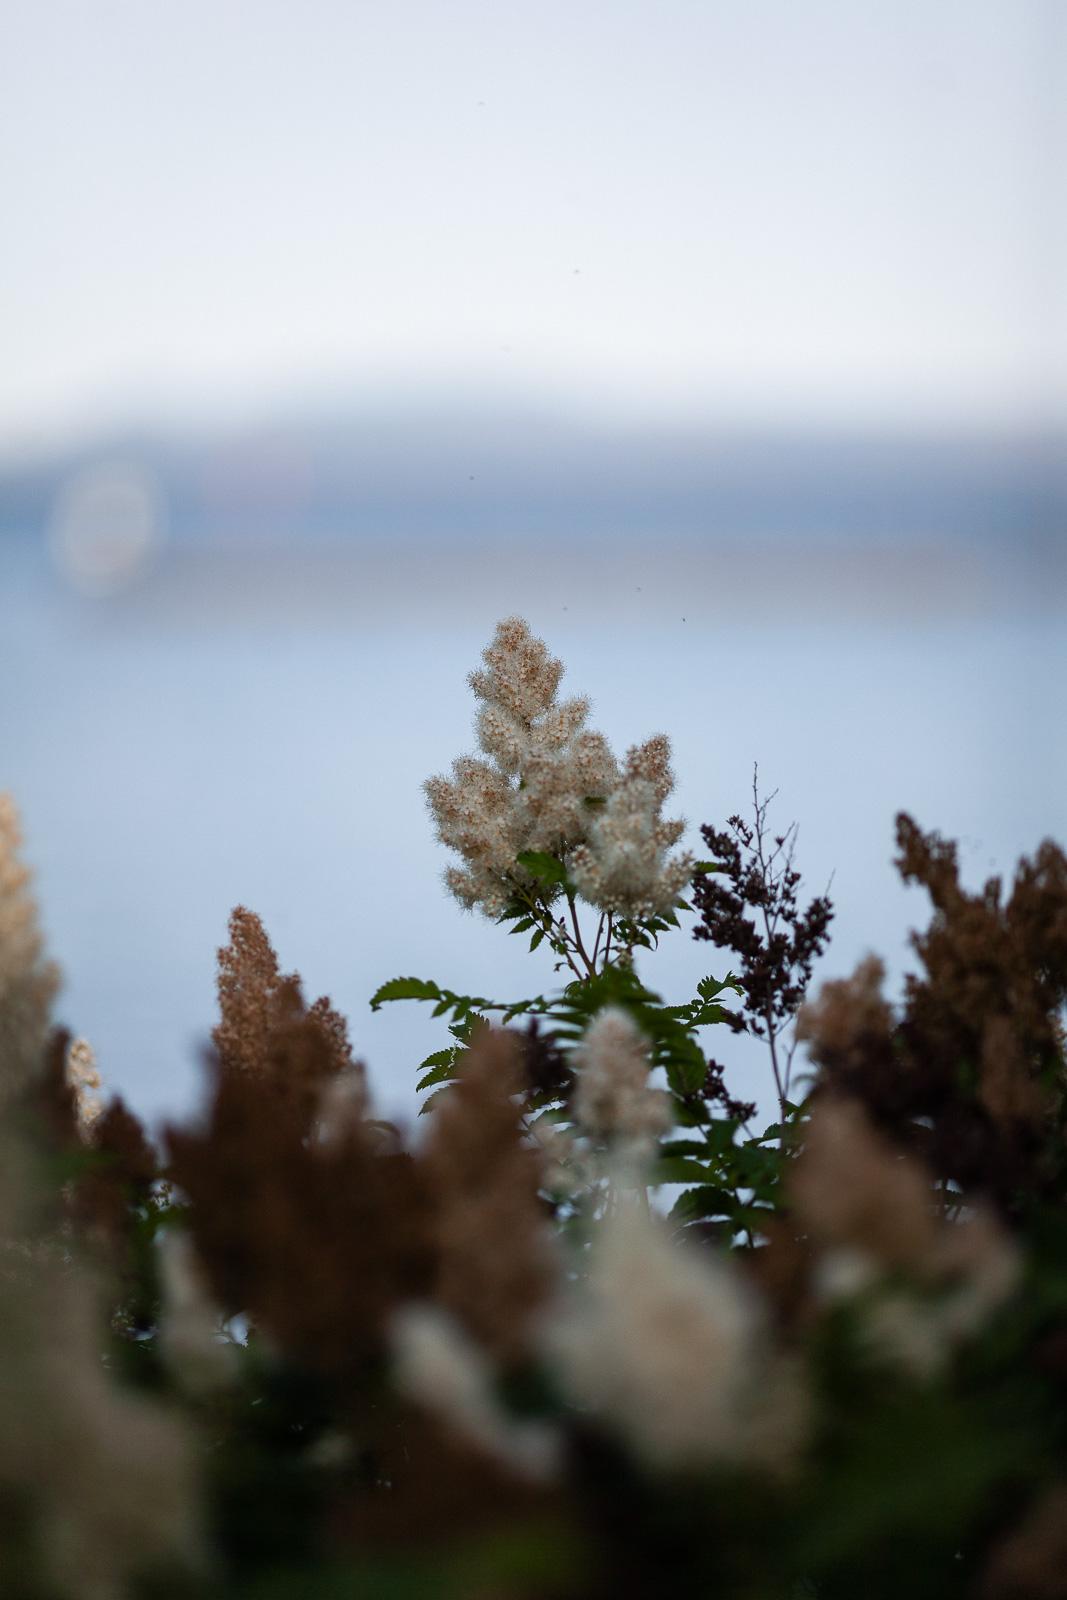 evening-at-marina-blog-16.jpg